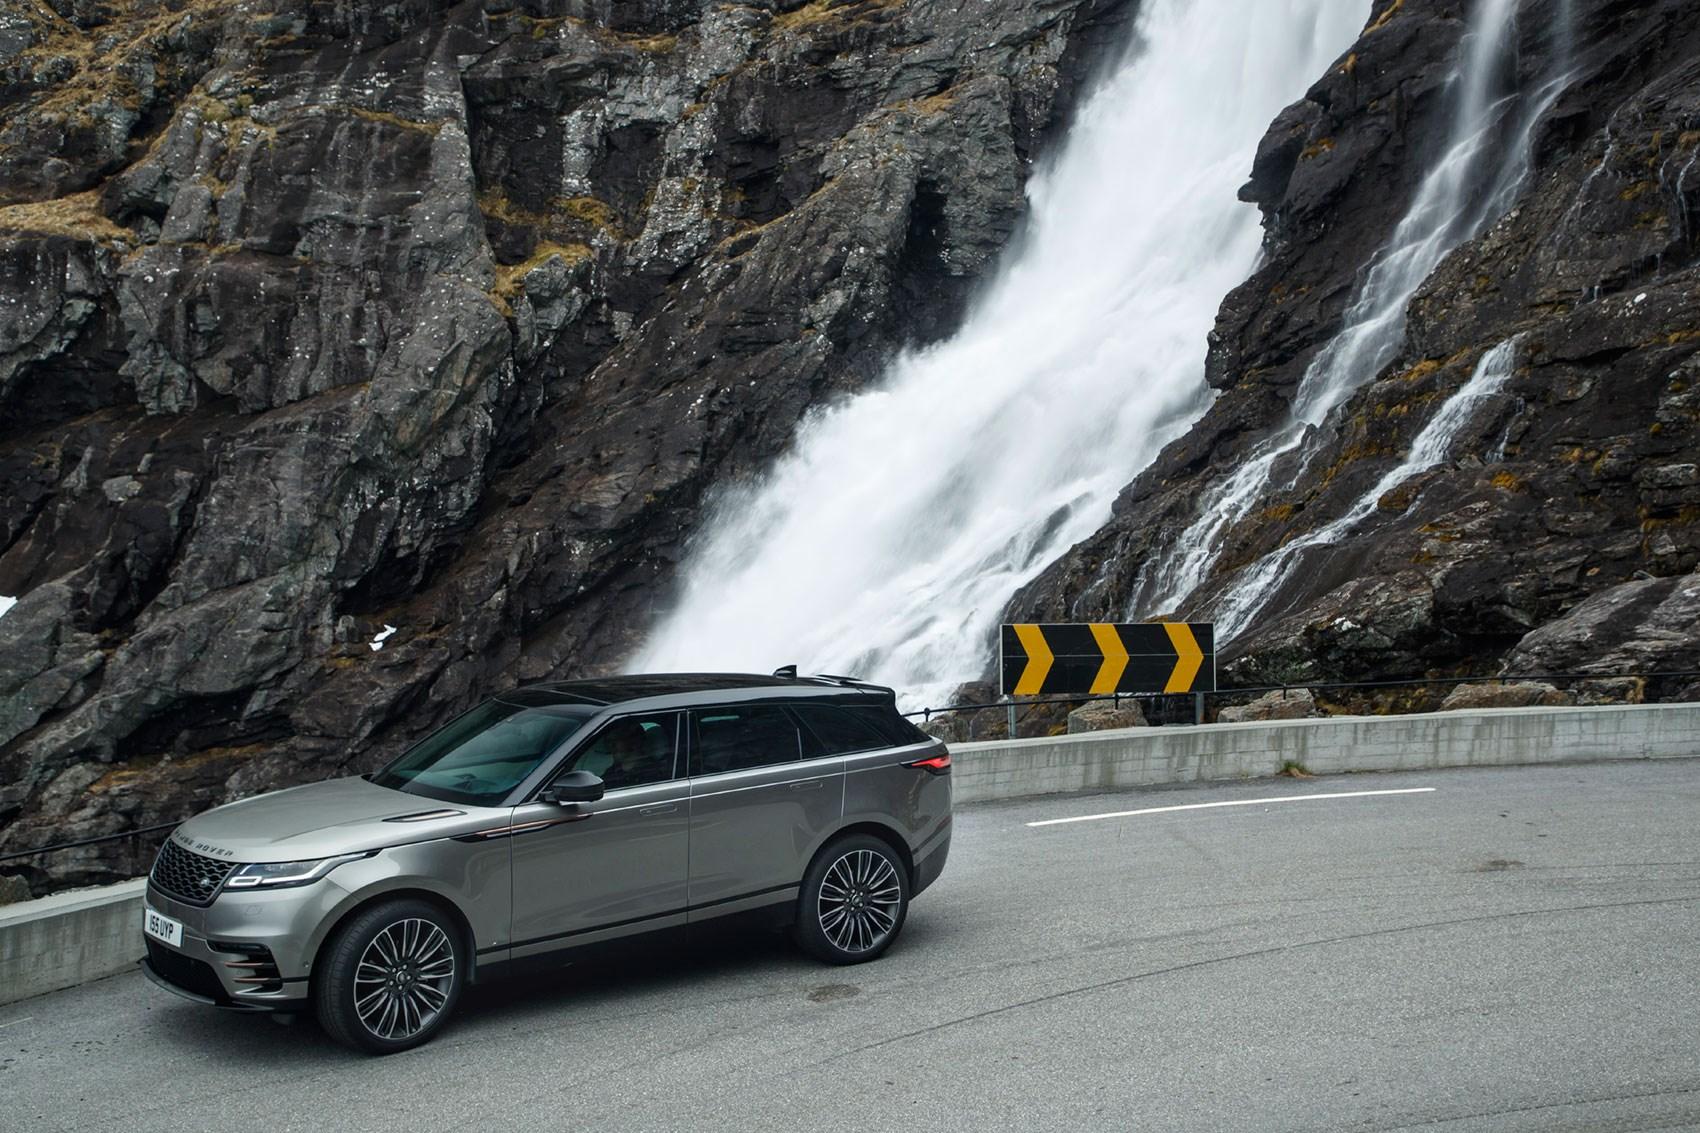 New 2018 Range Rover Velar